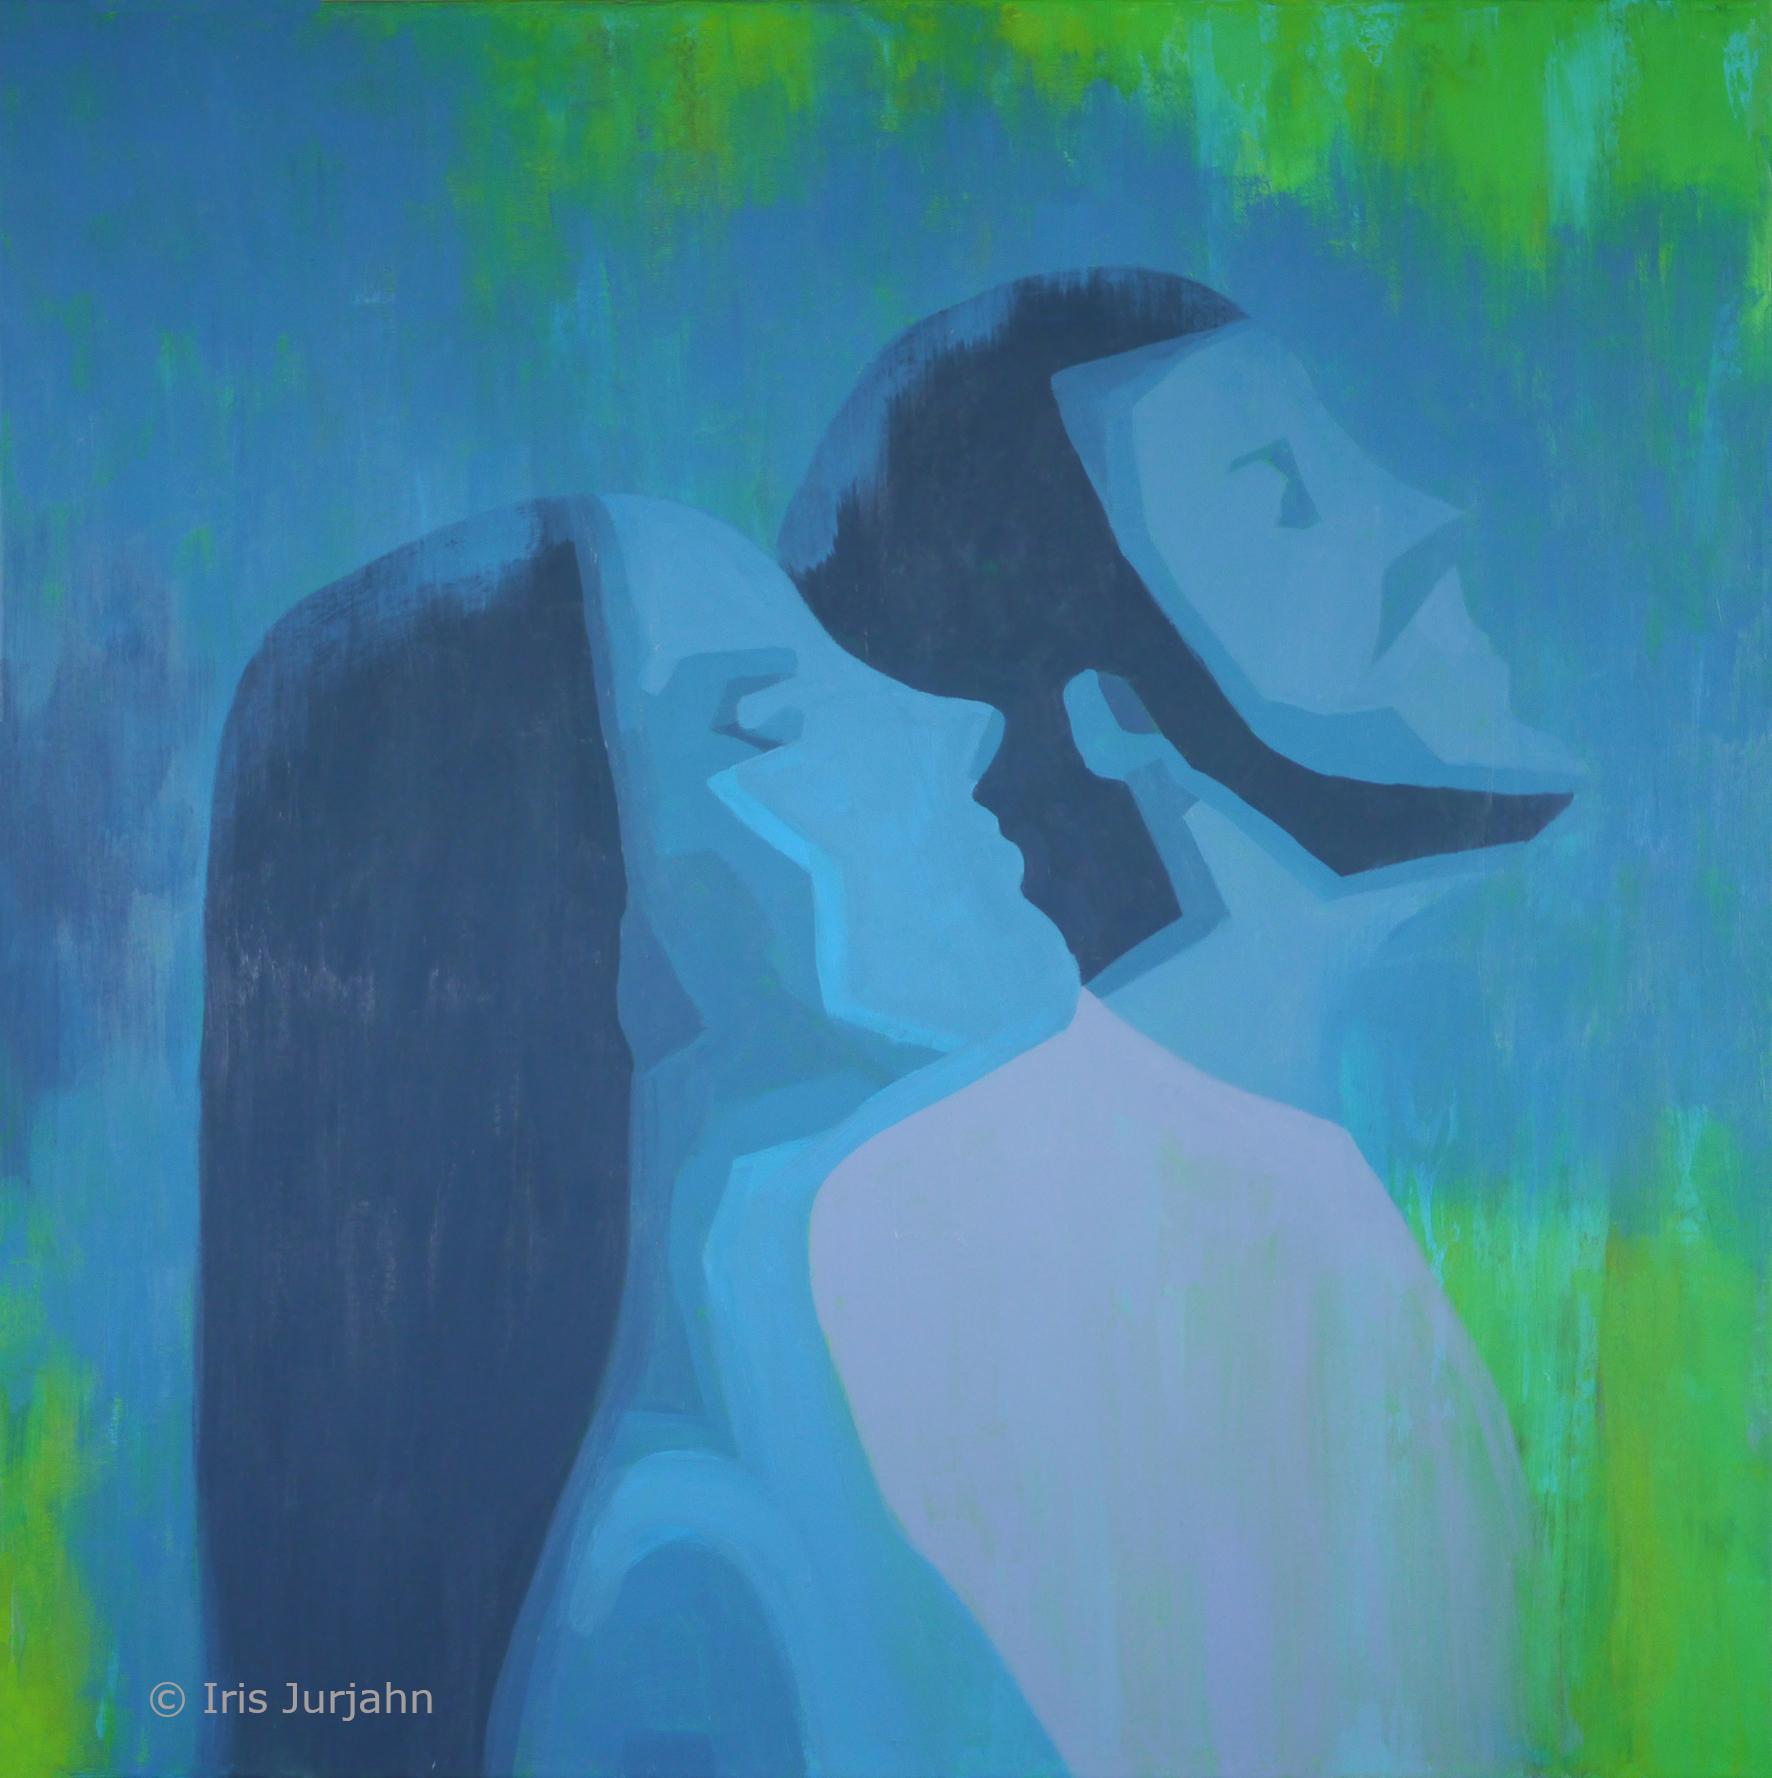 Richtungsgleich, acrylic on canvas, 80 x 80 cm, 2020